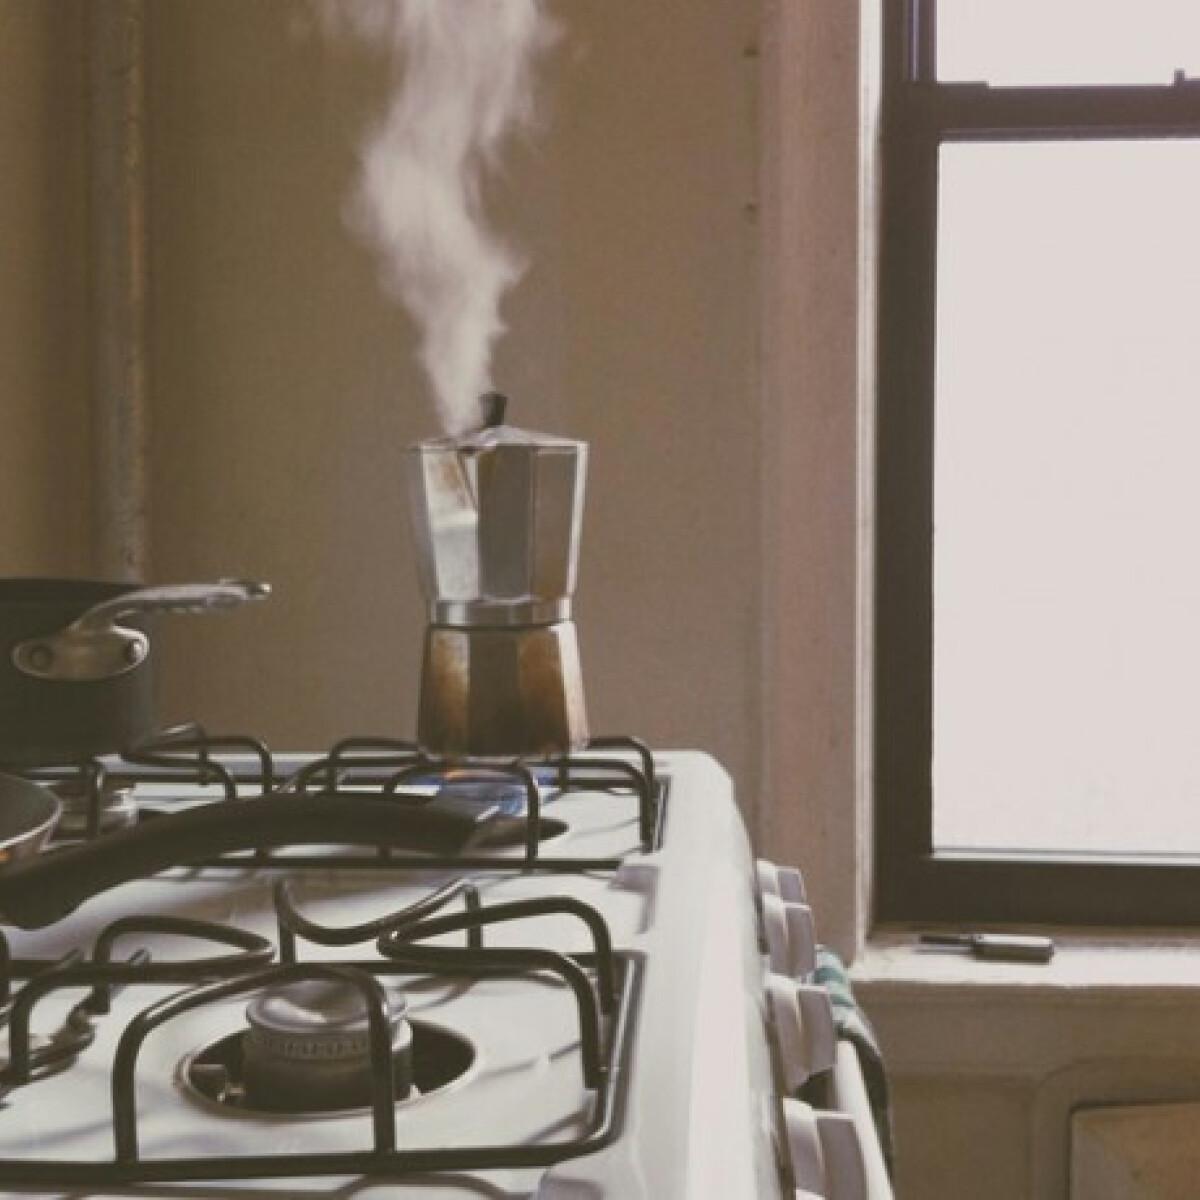 Kapszulás, kotyogós, őrlős – Így takaríthatod ki a kávéfőződet